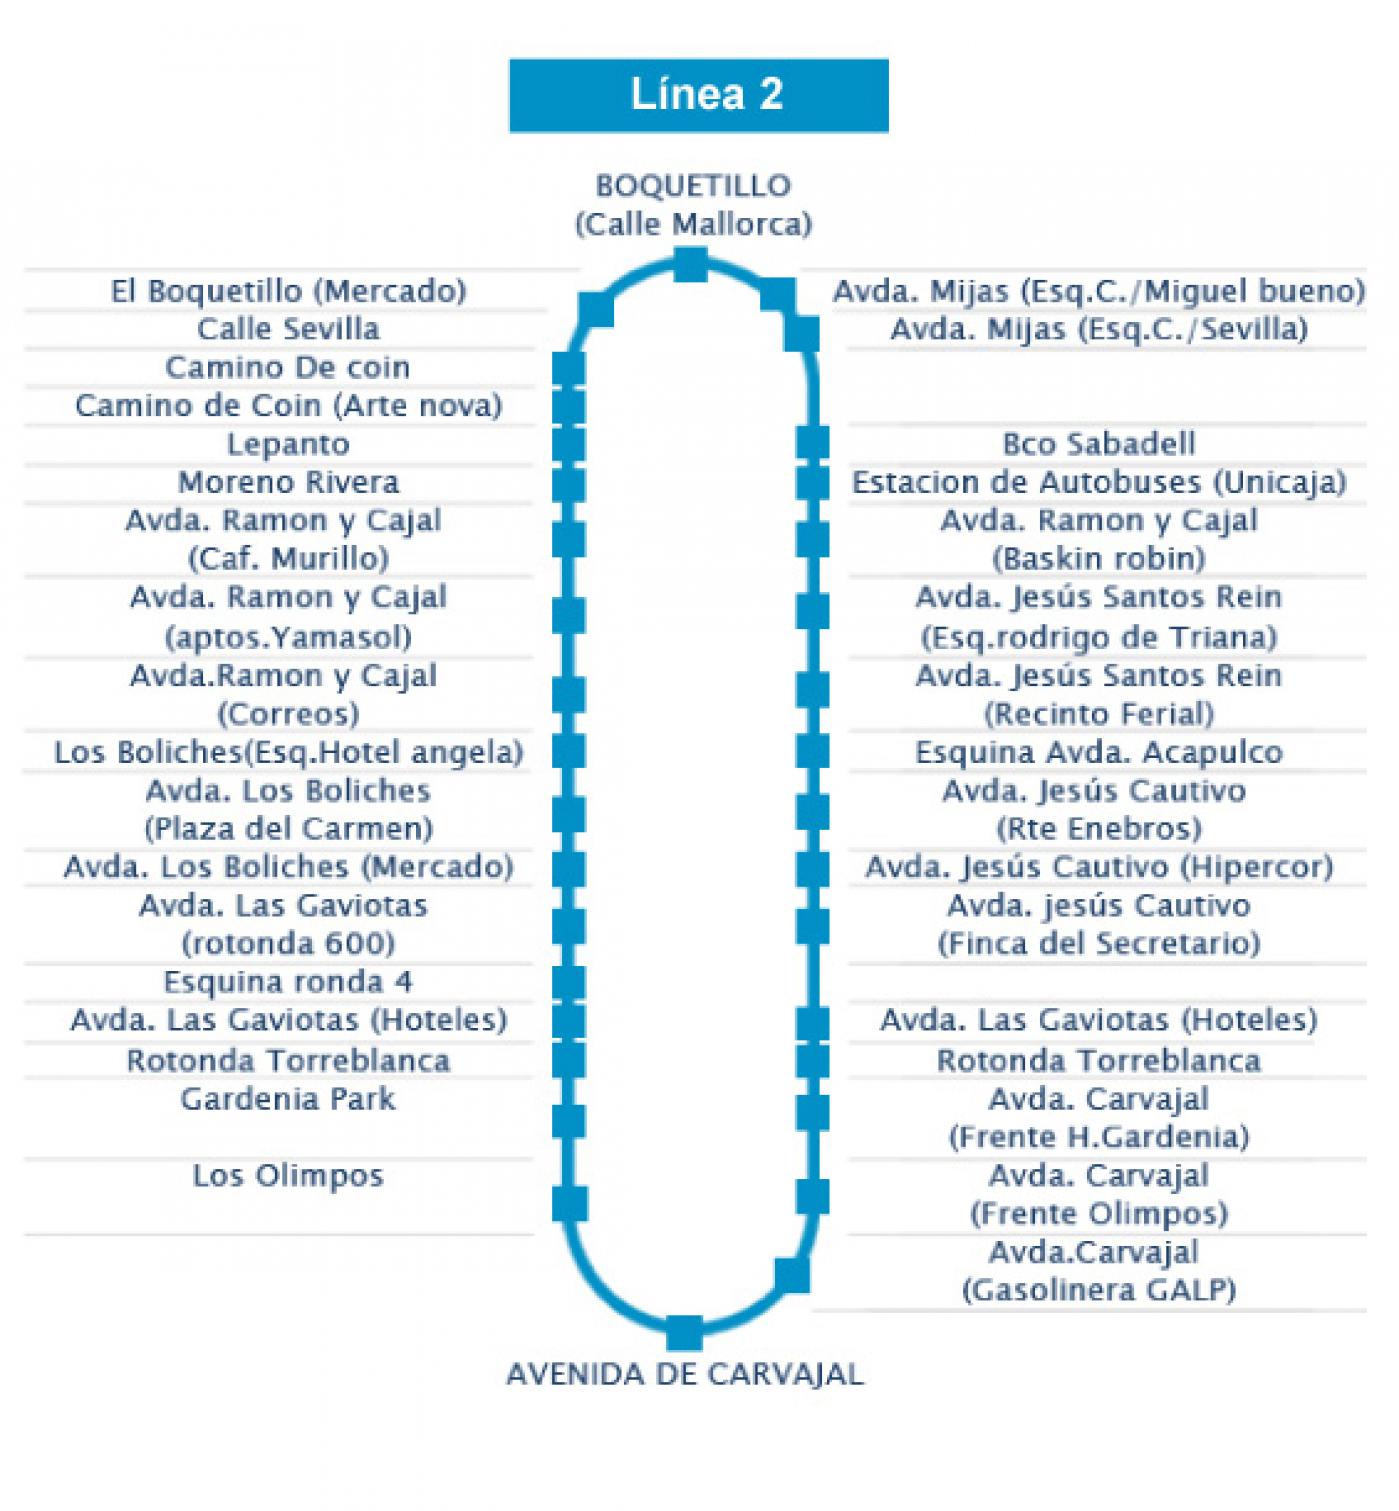 Recorrido esquemático, paradas y correspondencias Línea 2: Boquetillo - Carvajal